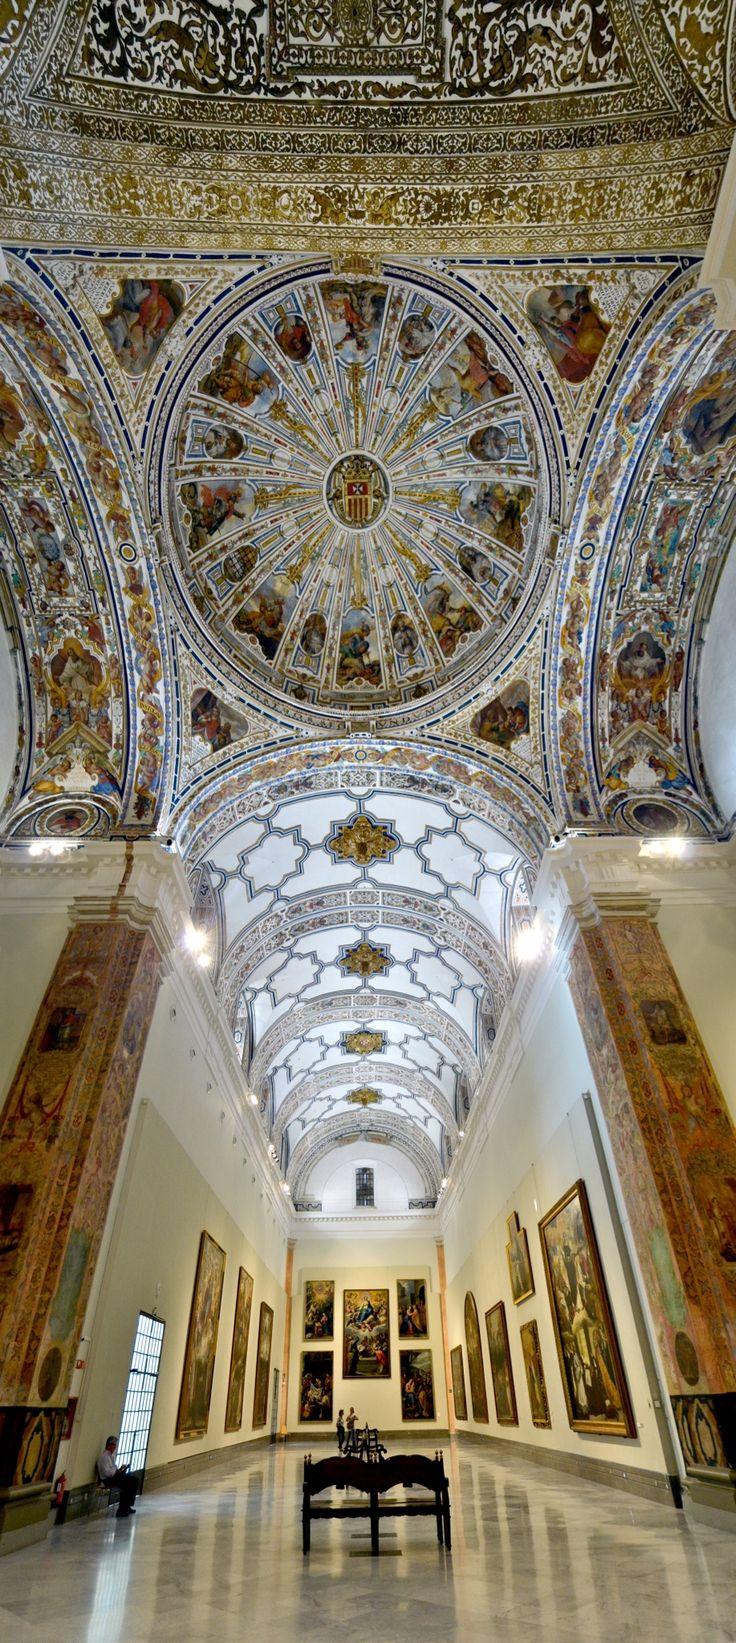 Museo Bellas Artes Sevilla by Jose Carlos Martín Fuentes on 500px